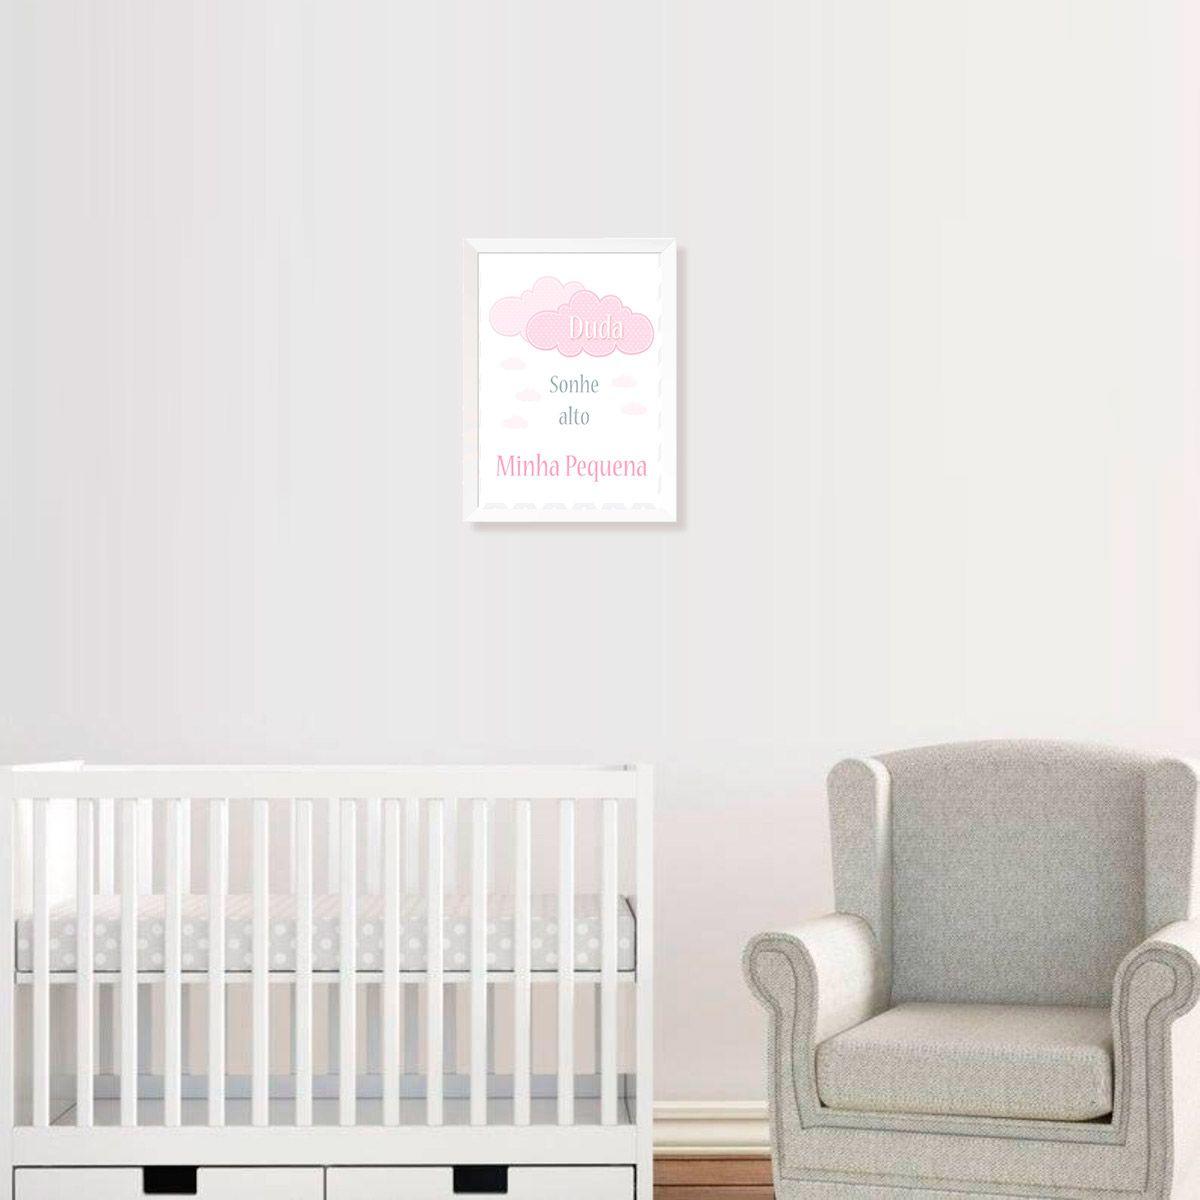 Quadro Sonhe Alto Minha Pequena (Rosa) Personalizado